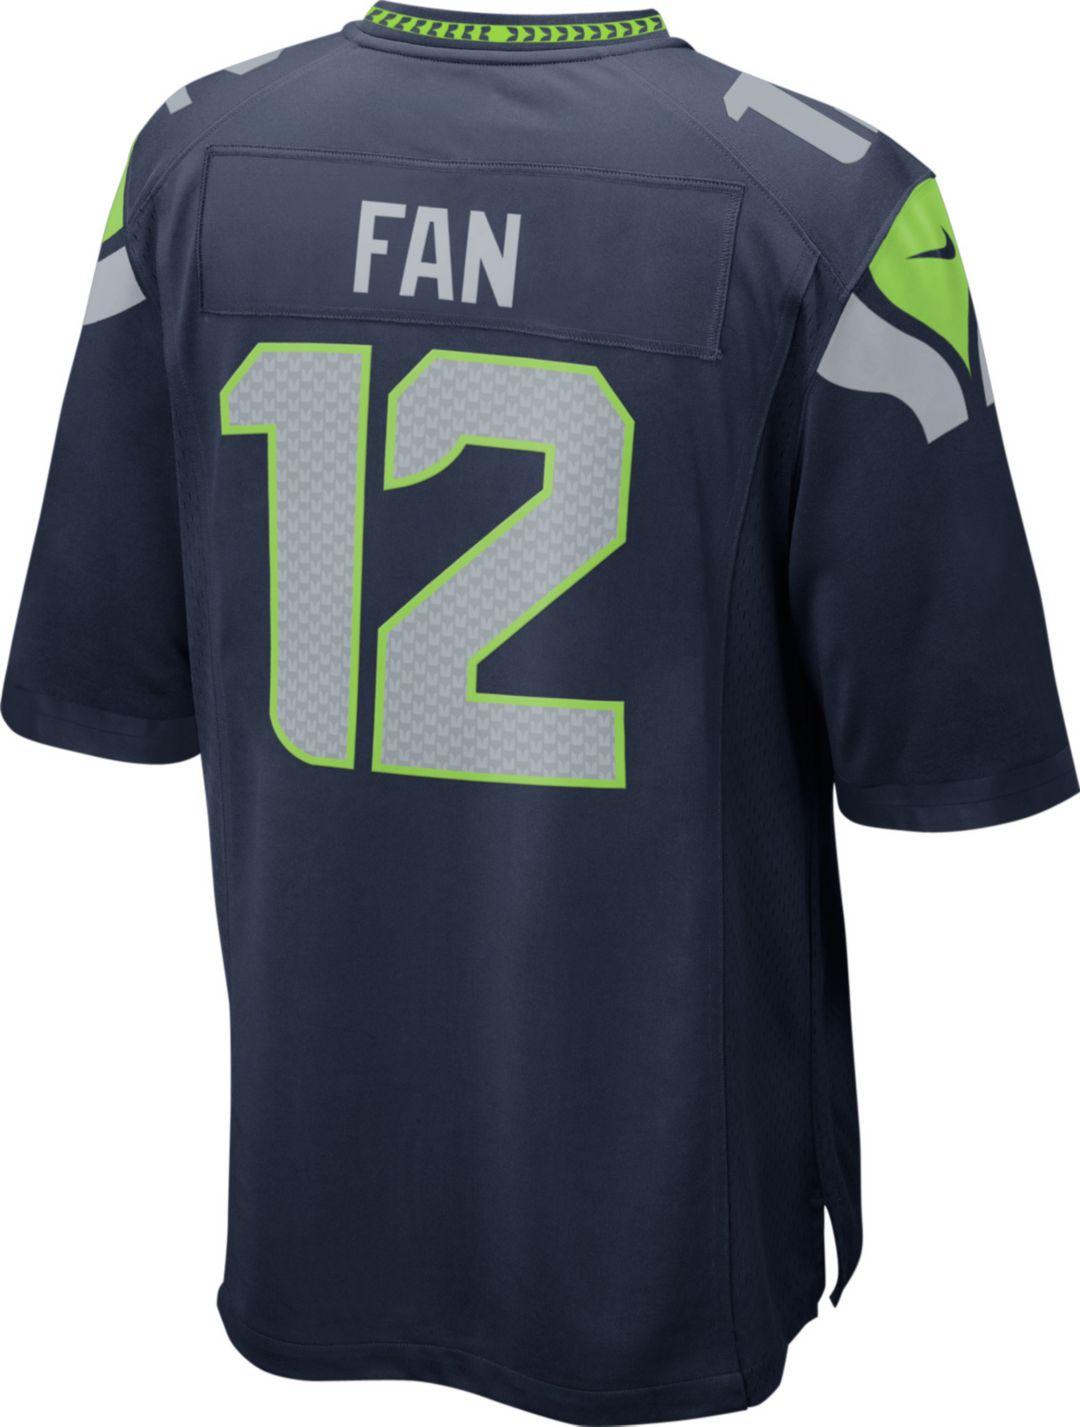 purchase cheap 02d0f 09392 Nike Men's Home Game Jersey Seattle Seahawks Fan #12